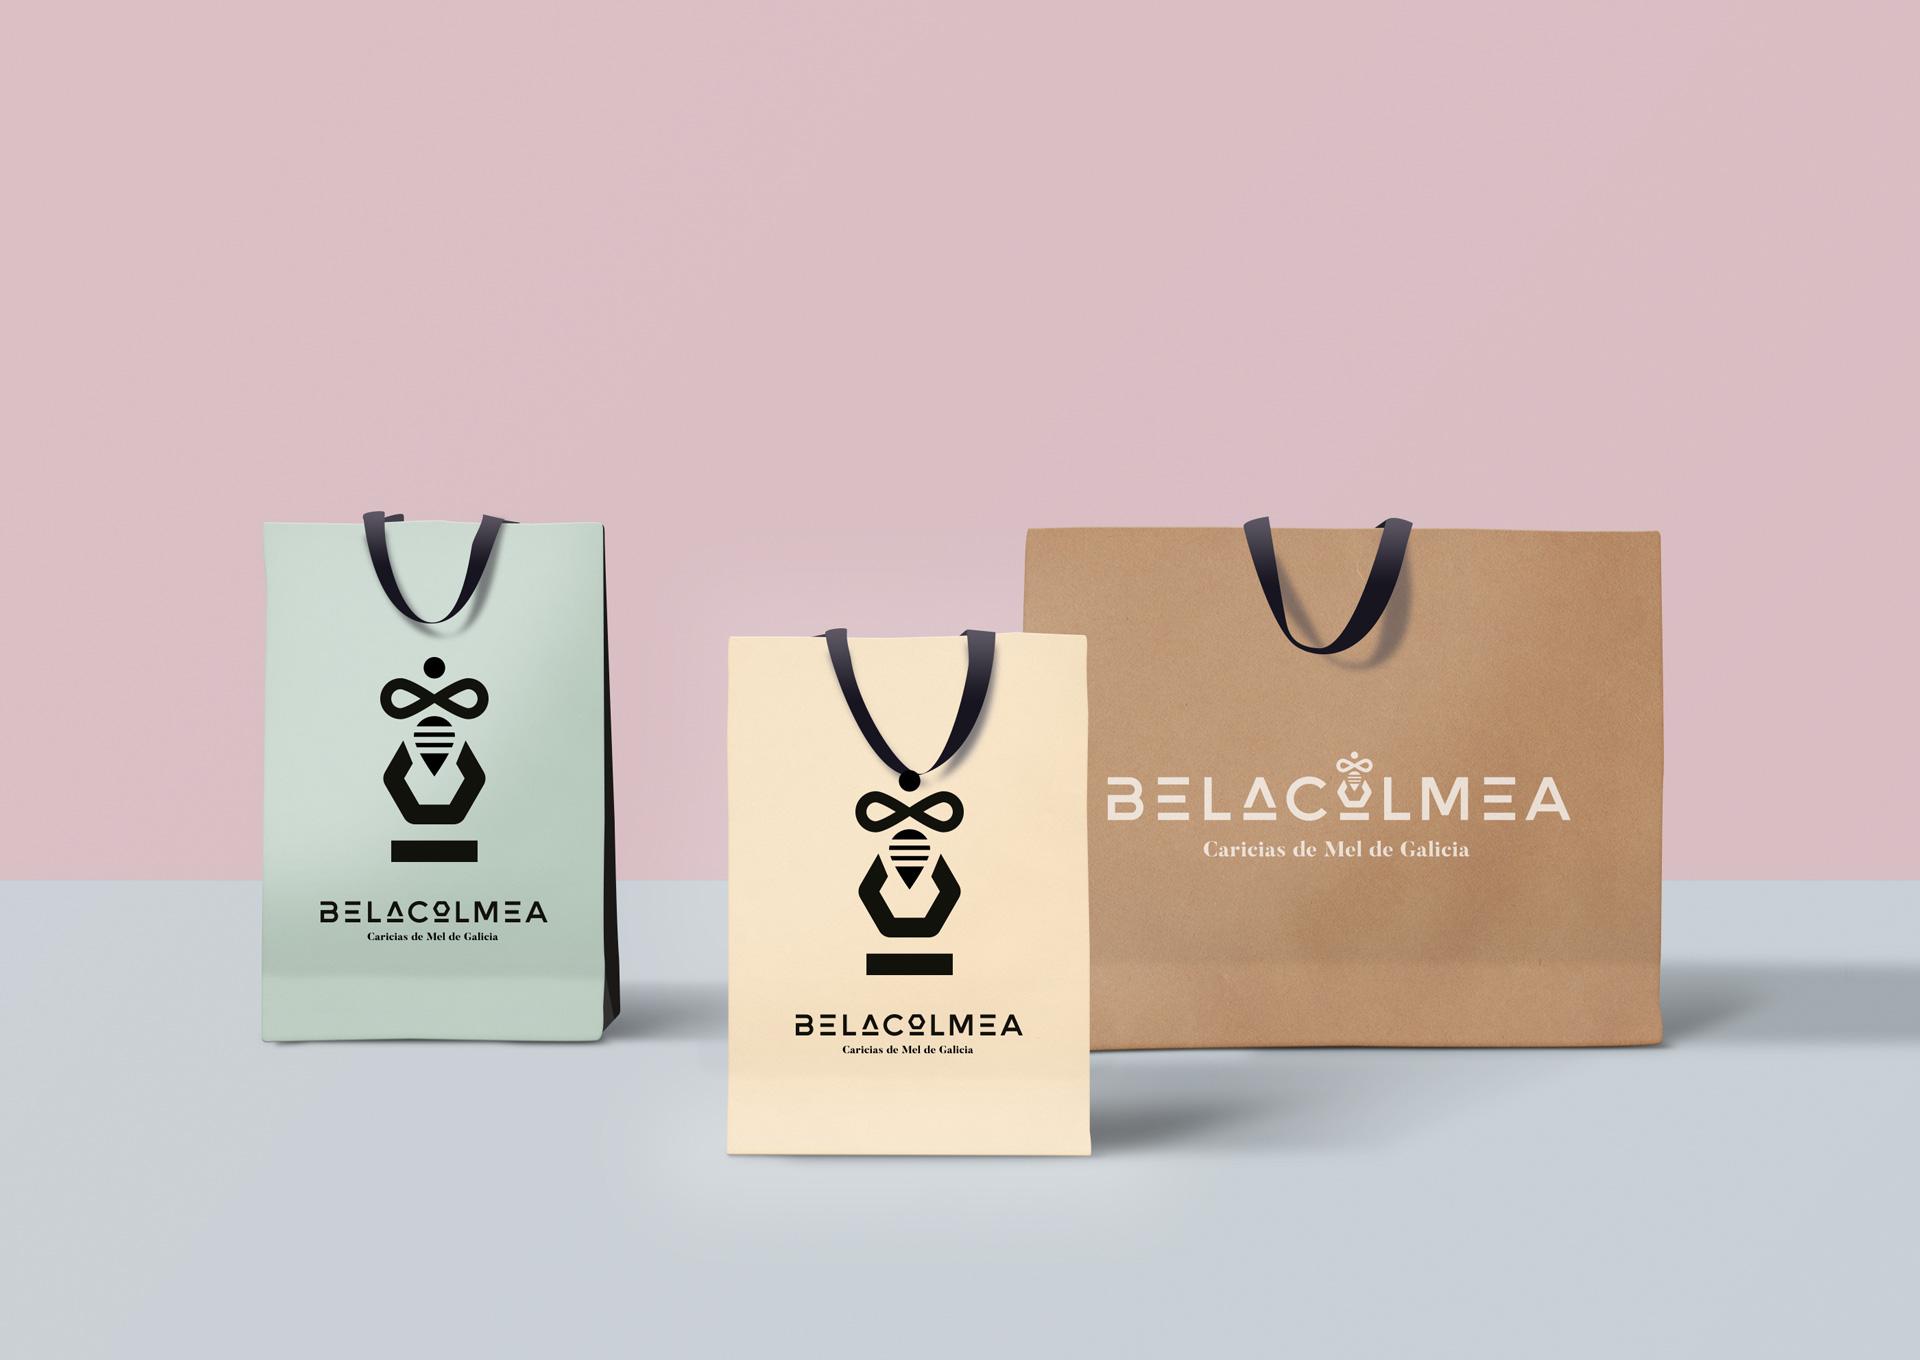 71090belacolmea_bags